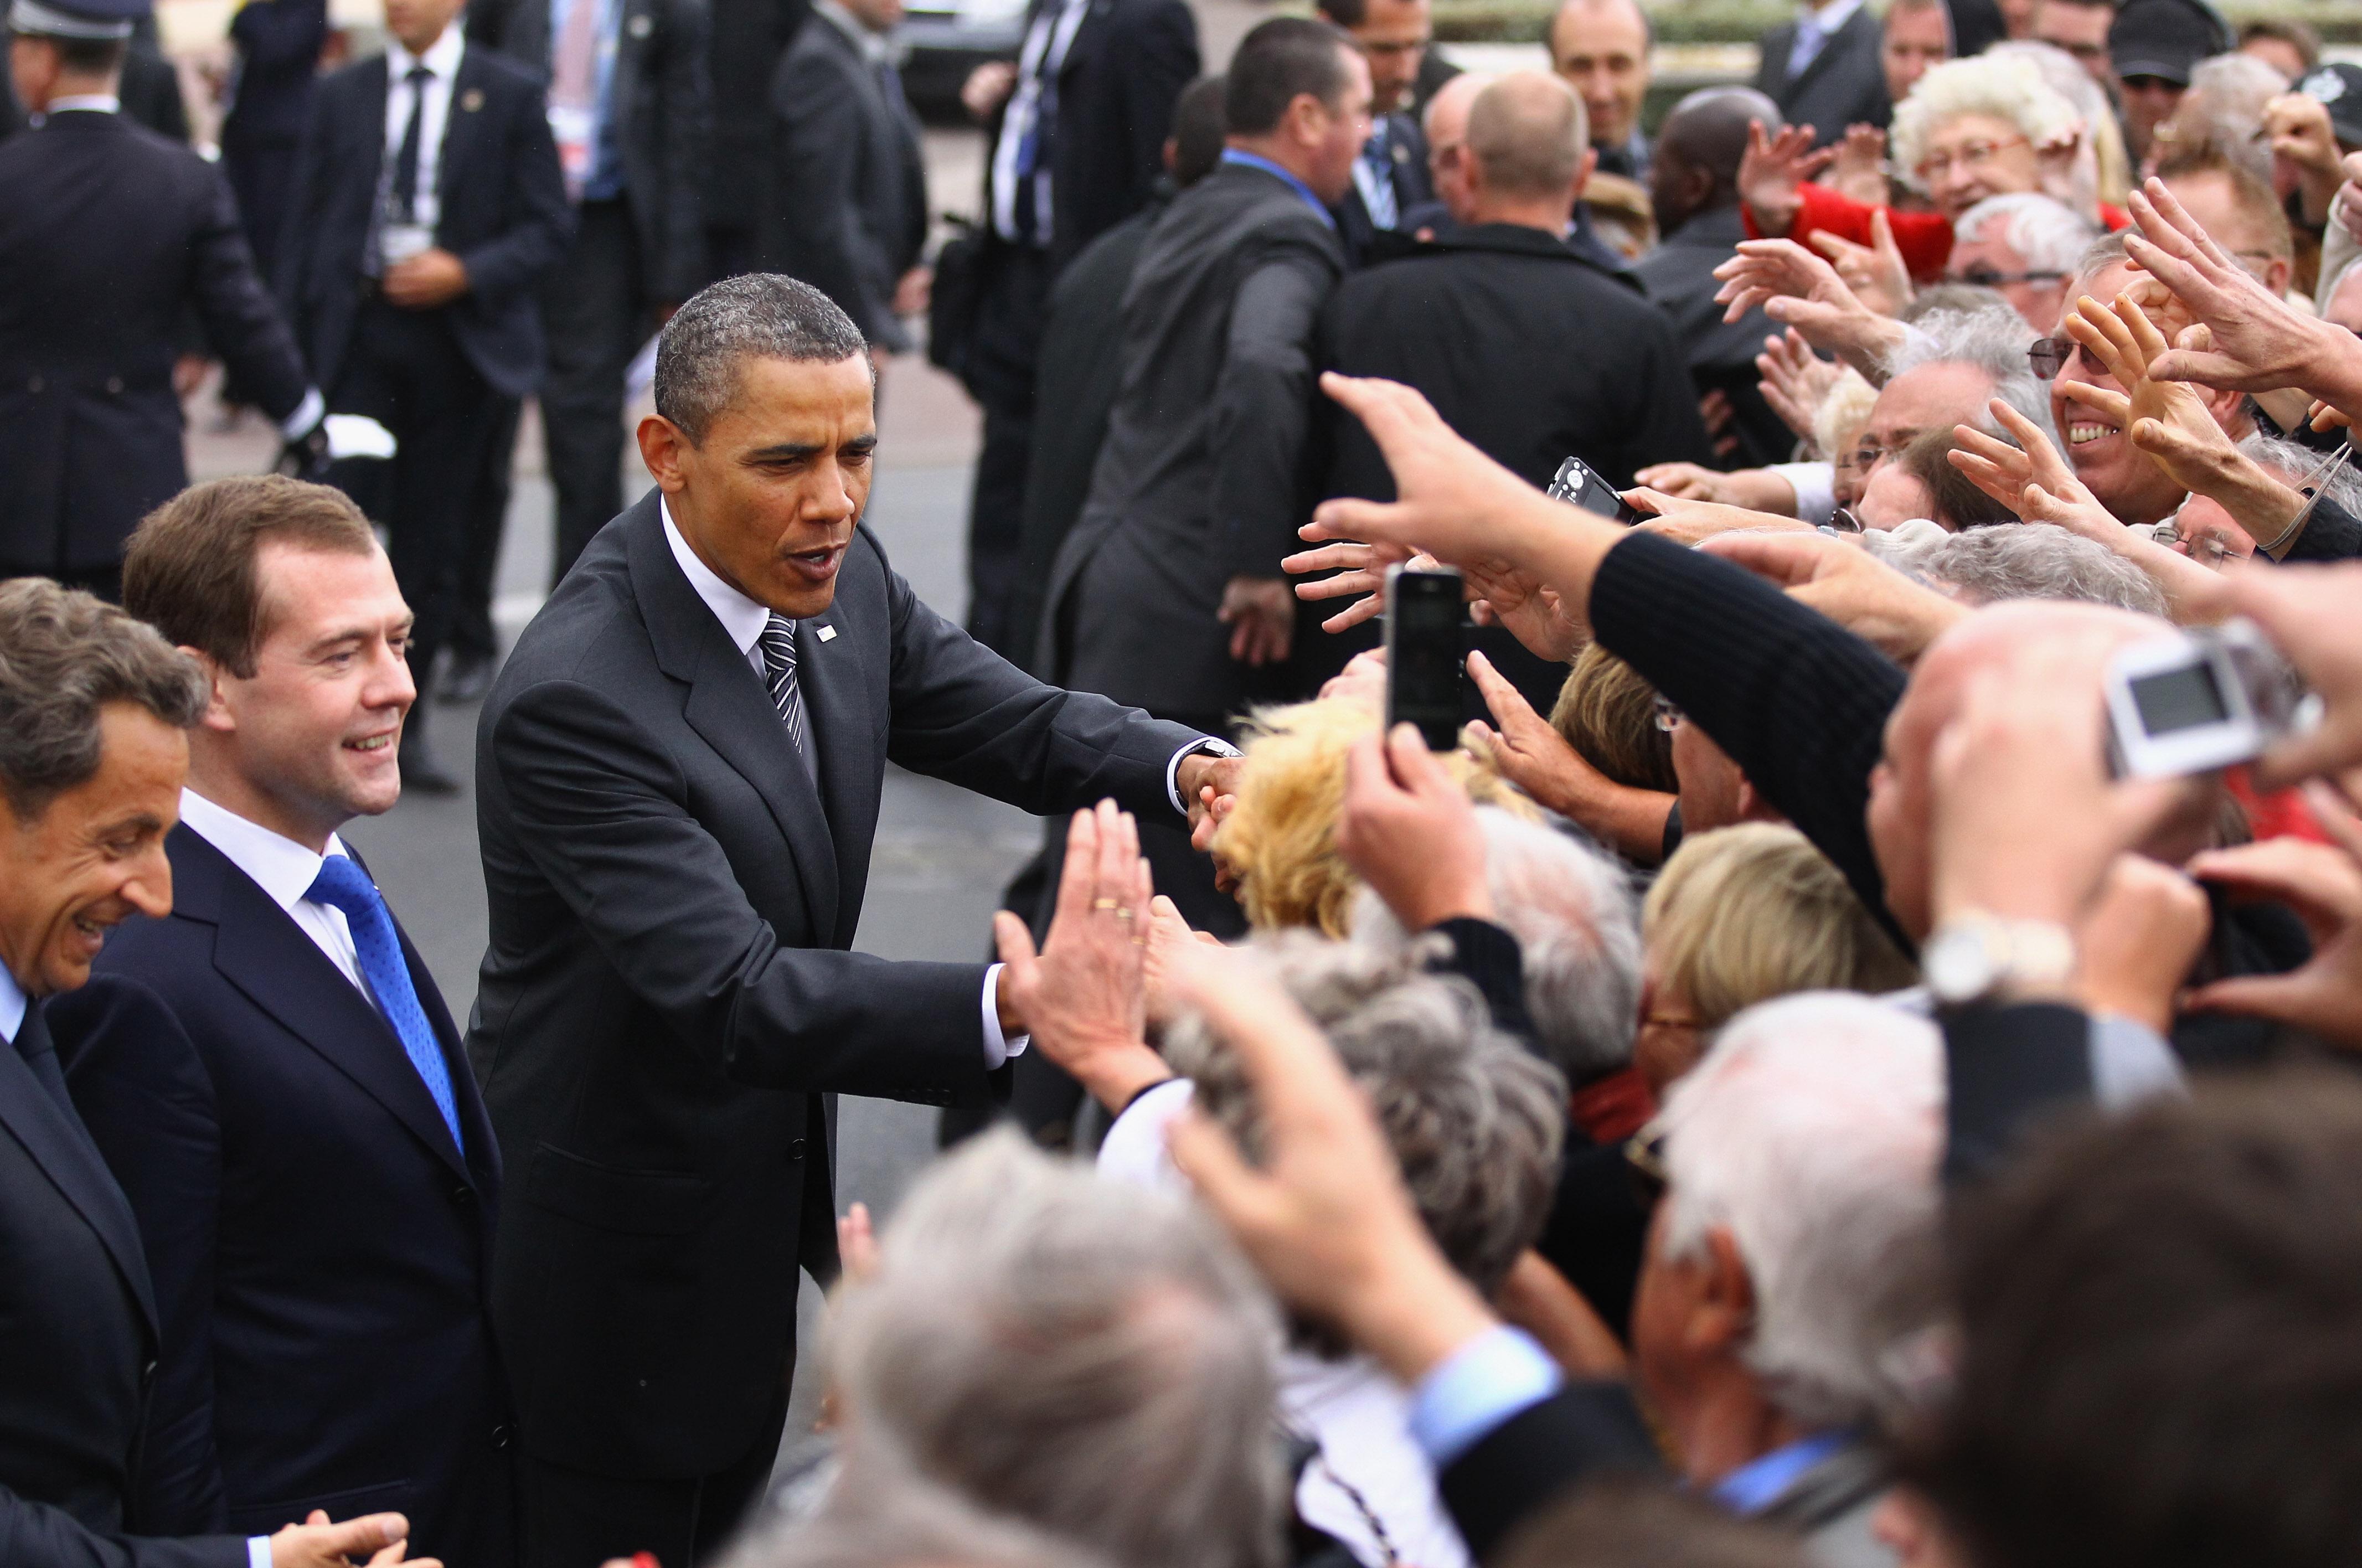 Барак Обама, Дмитрий Медведев иНиколя Саркози насаммите G8 вДовиле, Франция, 26 мая 2011 года.